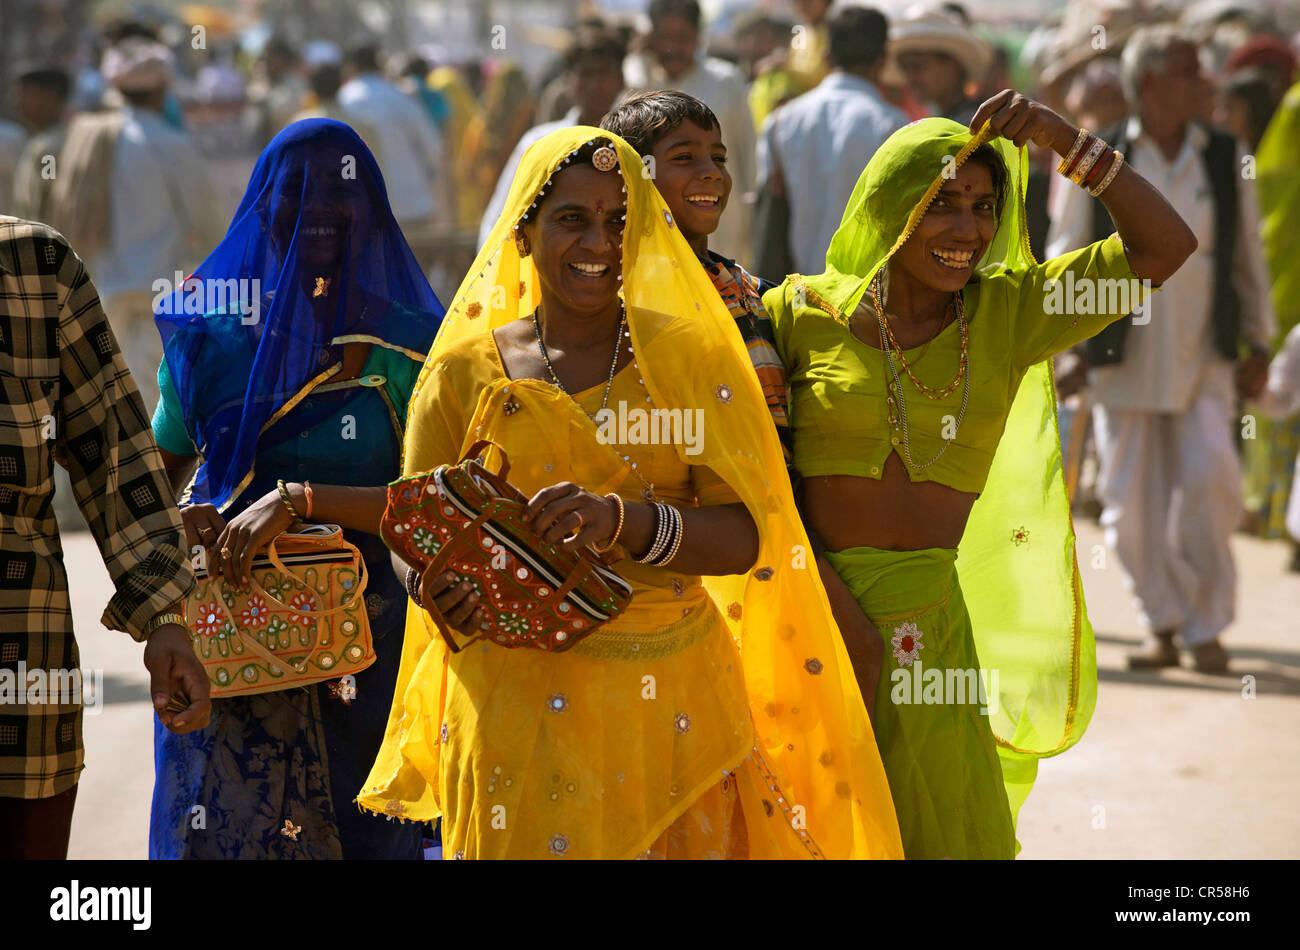 La India, el estado de Rajasthan, Pushkar, durante la Feria de Pushkar Imagen De Stock